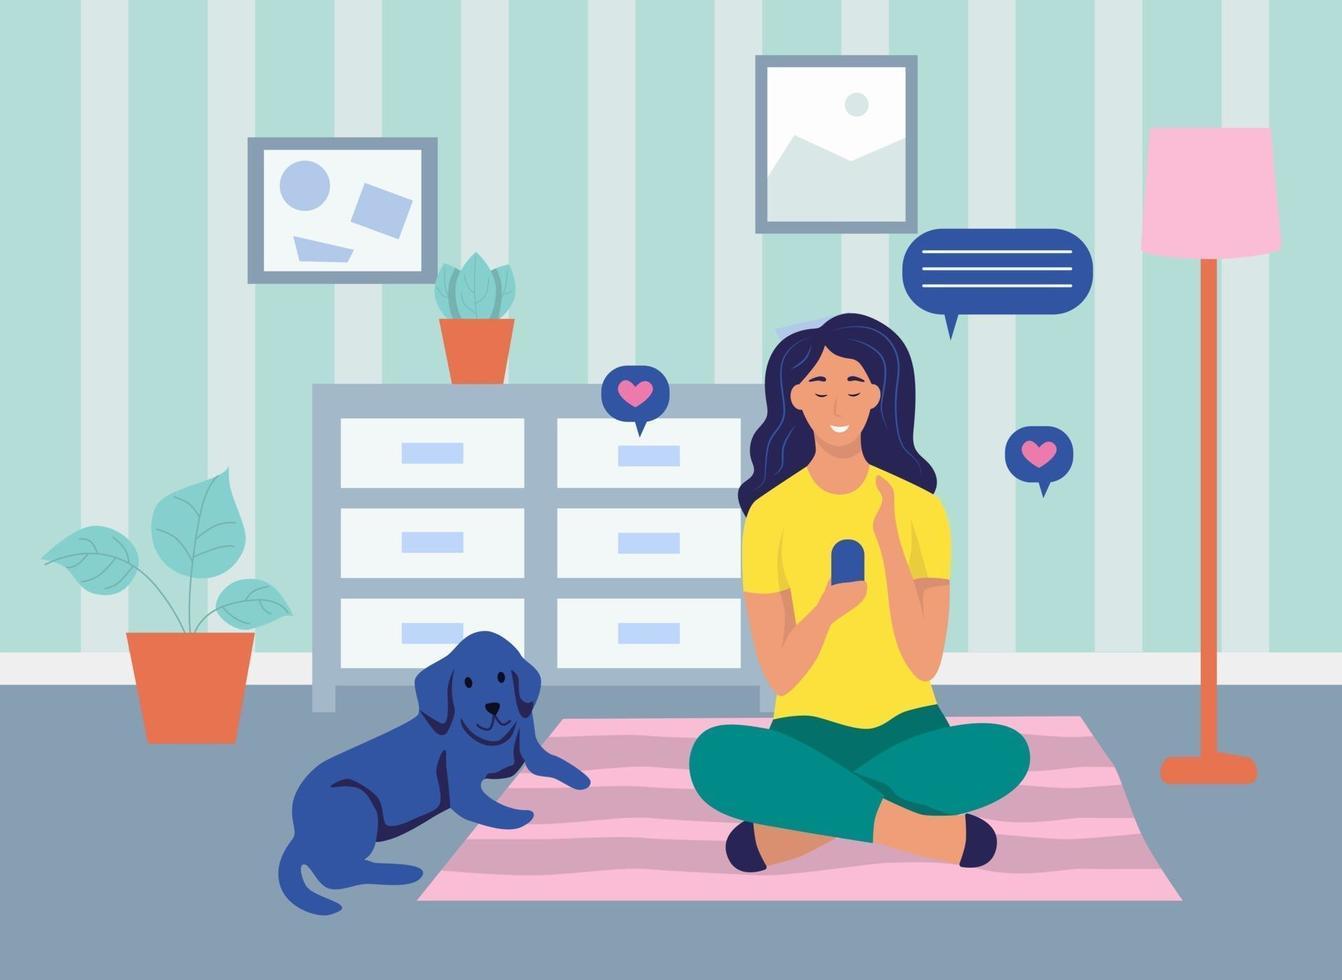 en ung kvinna sitter med en telefon på golvet. begreppet onlinekommunikation, internetberoende, vardag, fritid och arbetsaktiviteter. platt tecknad vektorillustration. vektor